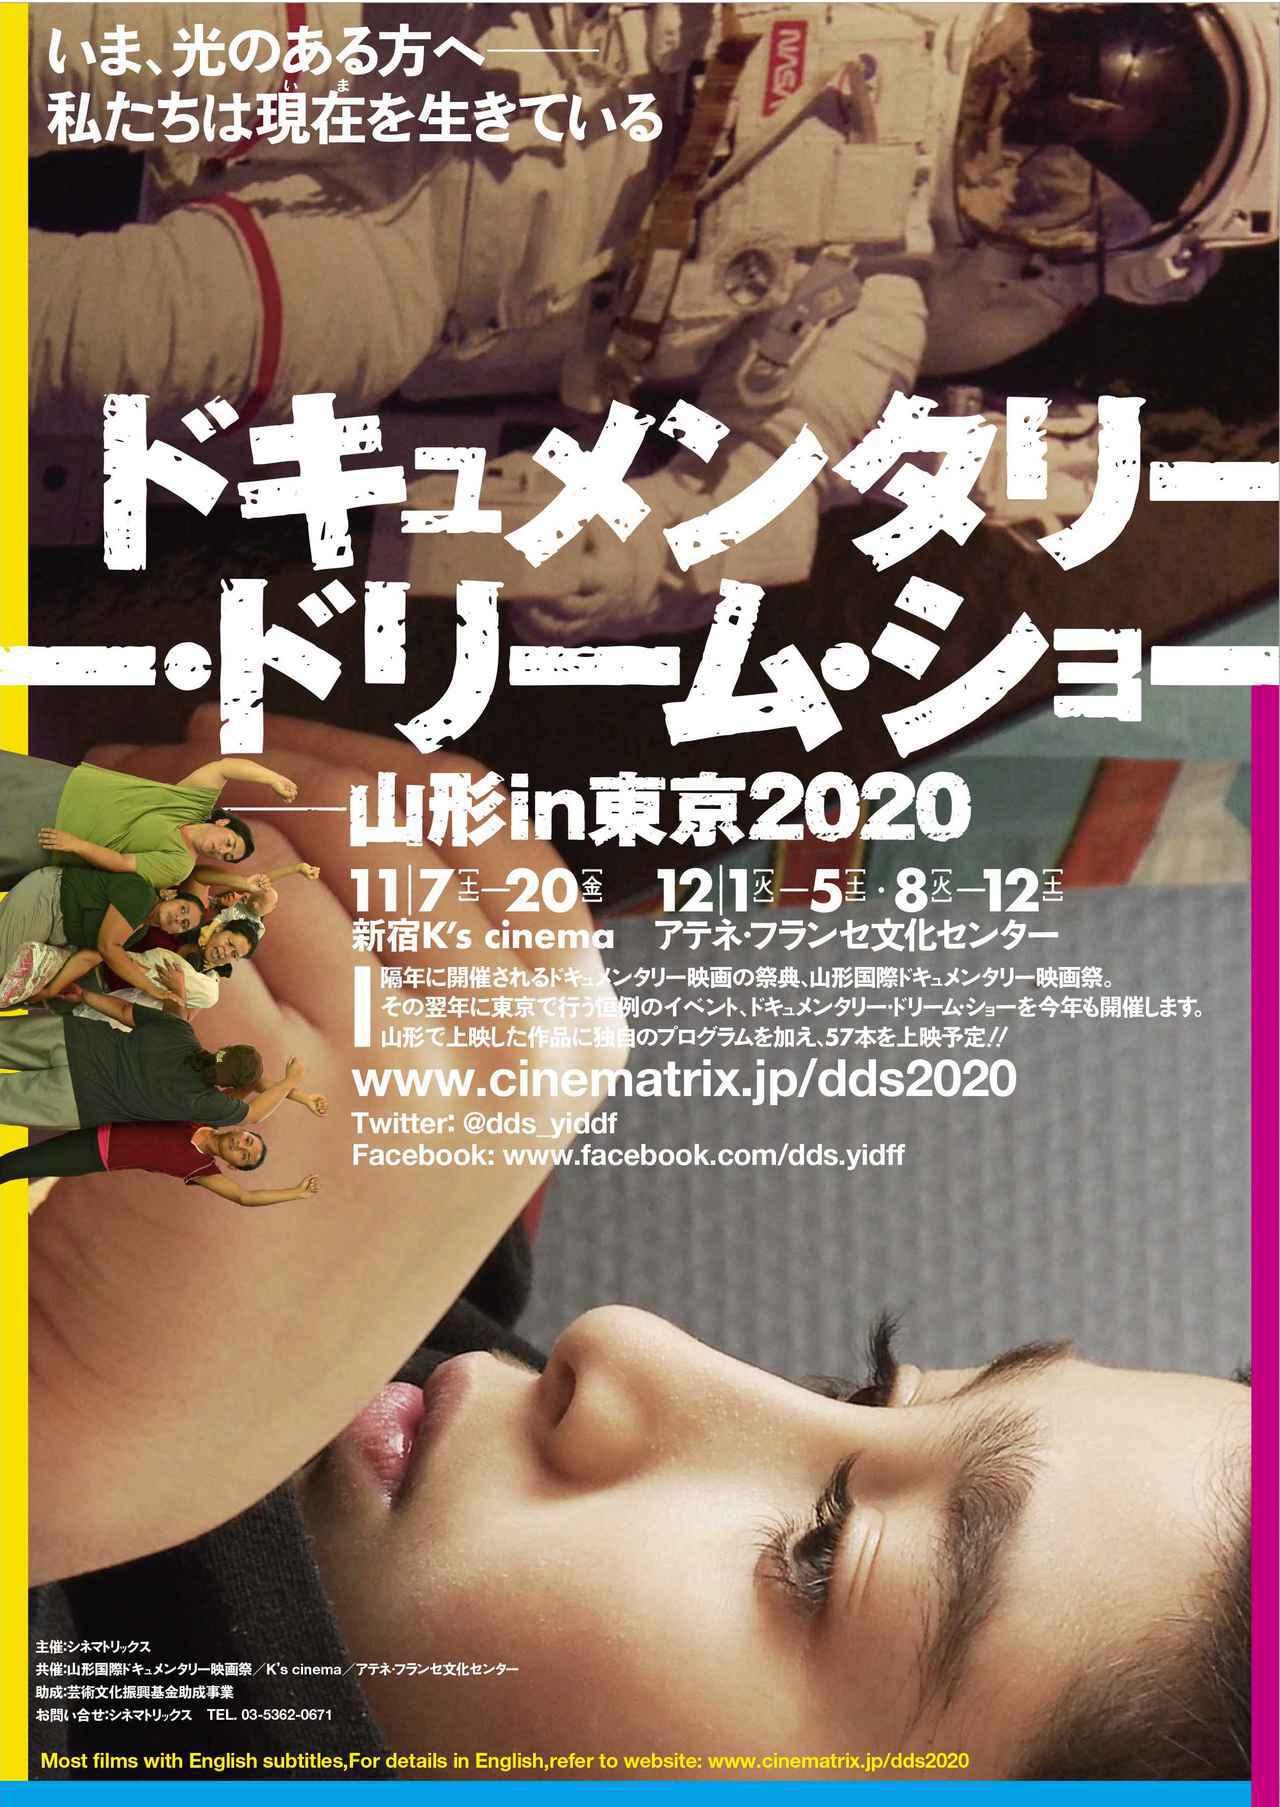 画像: フレデリック・ワイズマン『インディアナ州モンロヴィア』、アッバス・キアロスタミの息子、バフマン・キアロスタミ作品など東京初上映!「ドキュメンタリー・ドリーム・ショー」